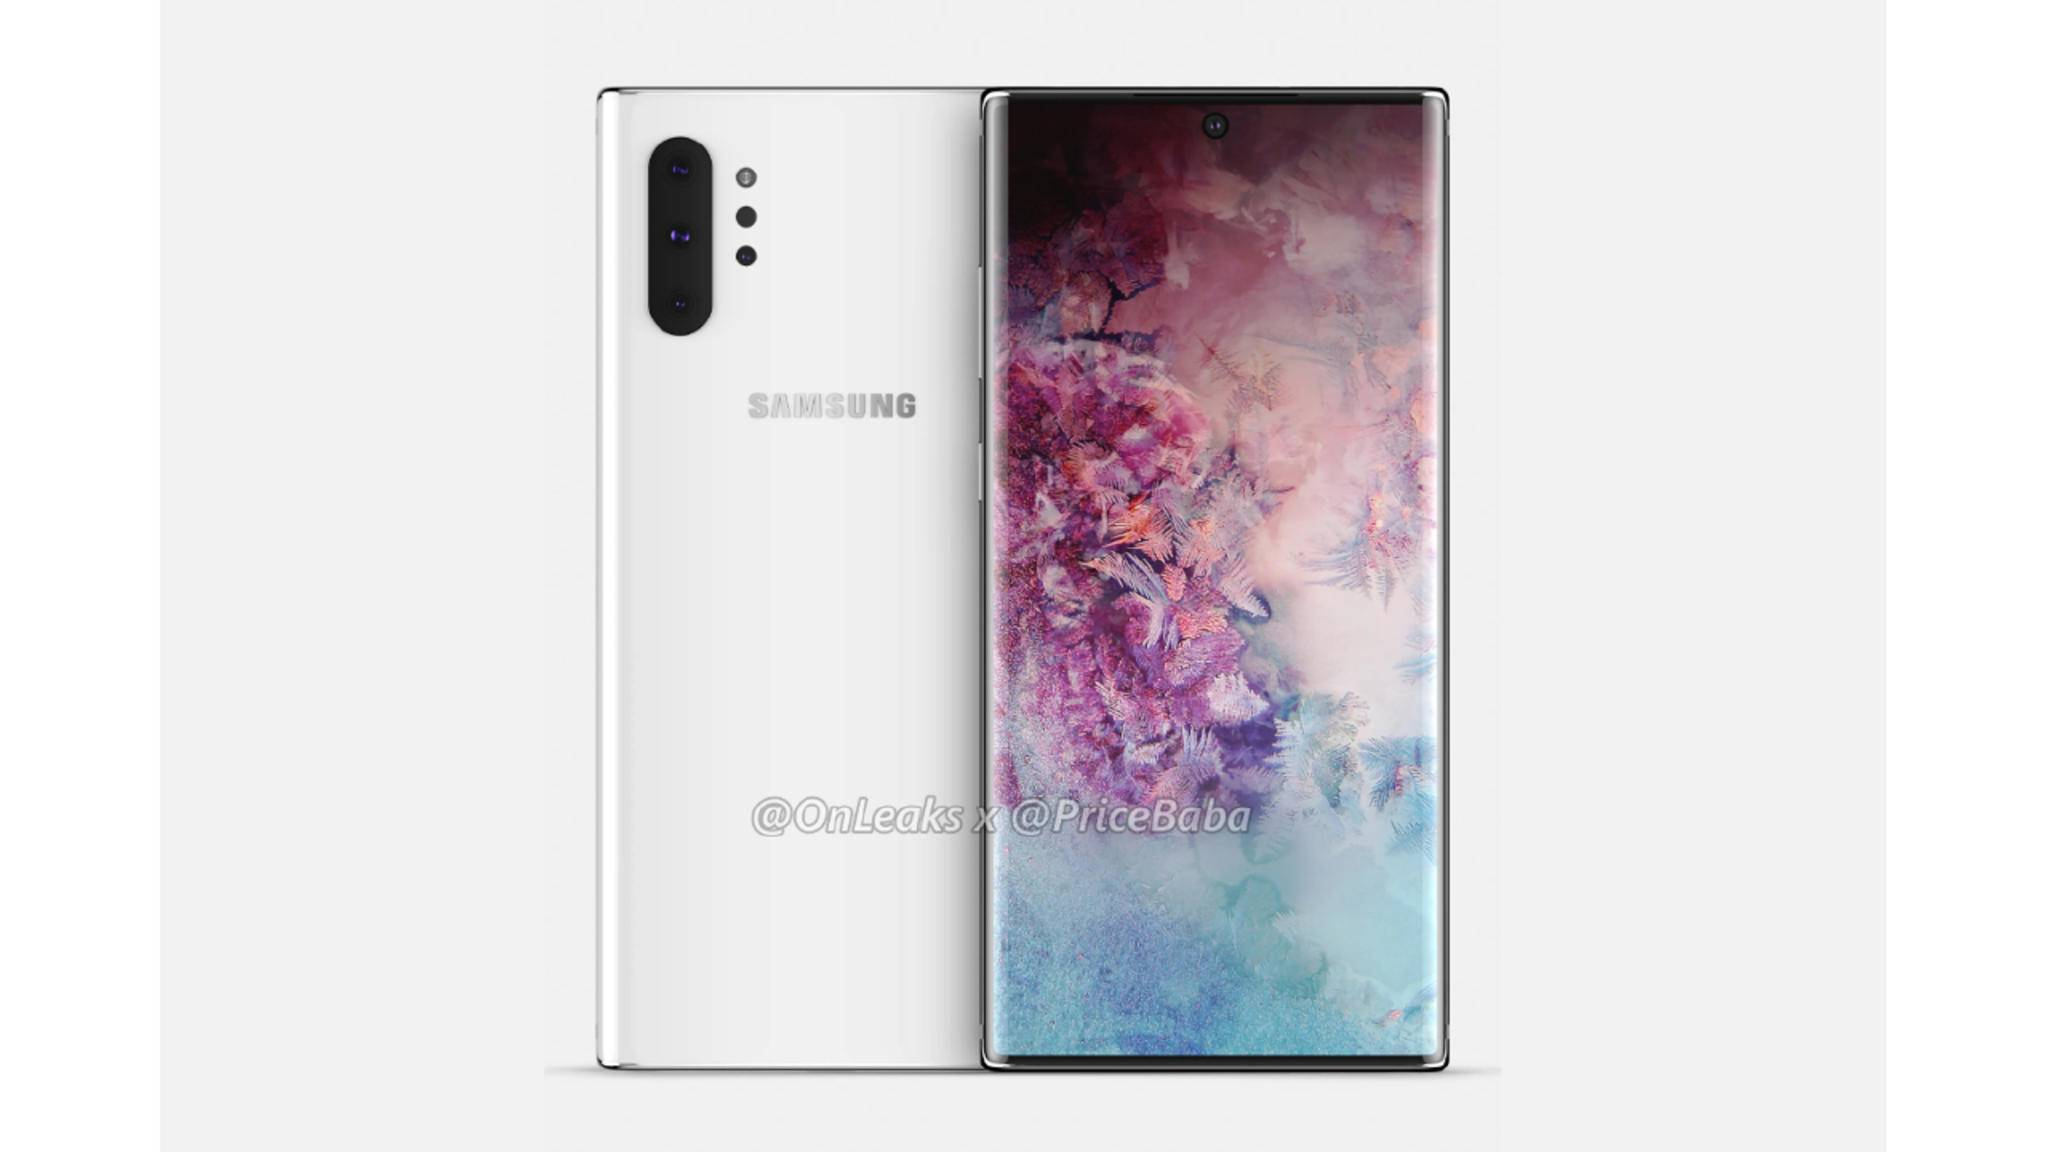 Ist im Vergleich zum Vorgänger wirklich die Display-Auflösung des Galaxy Note 10 gesunken?